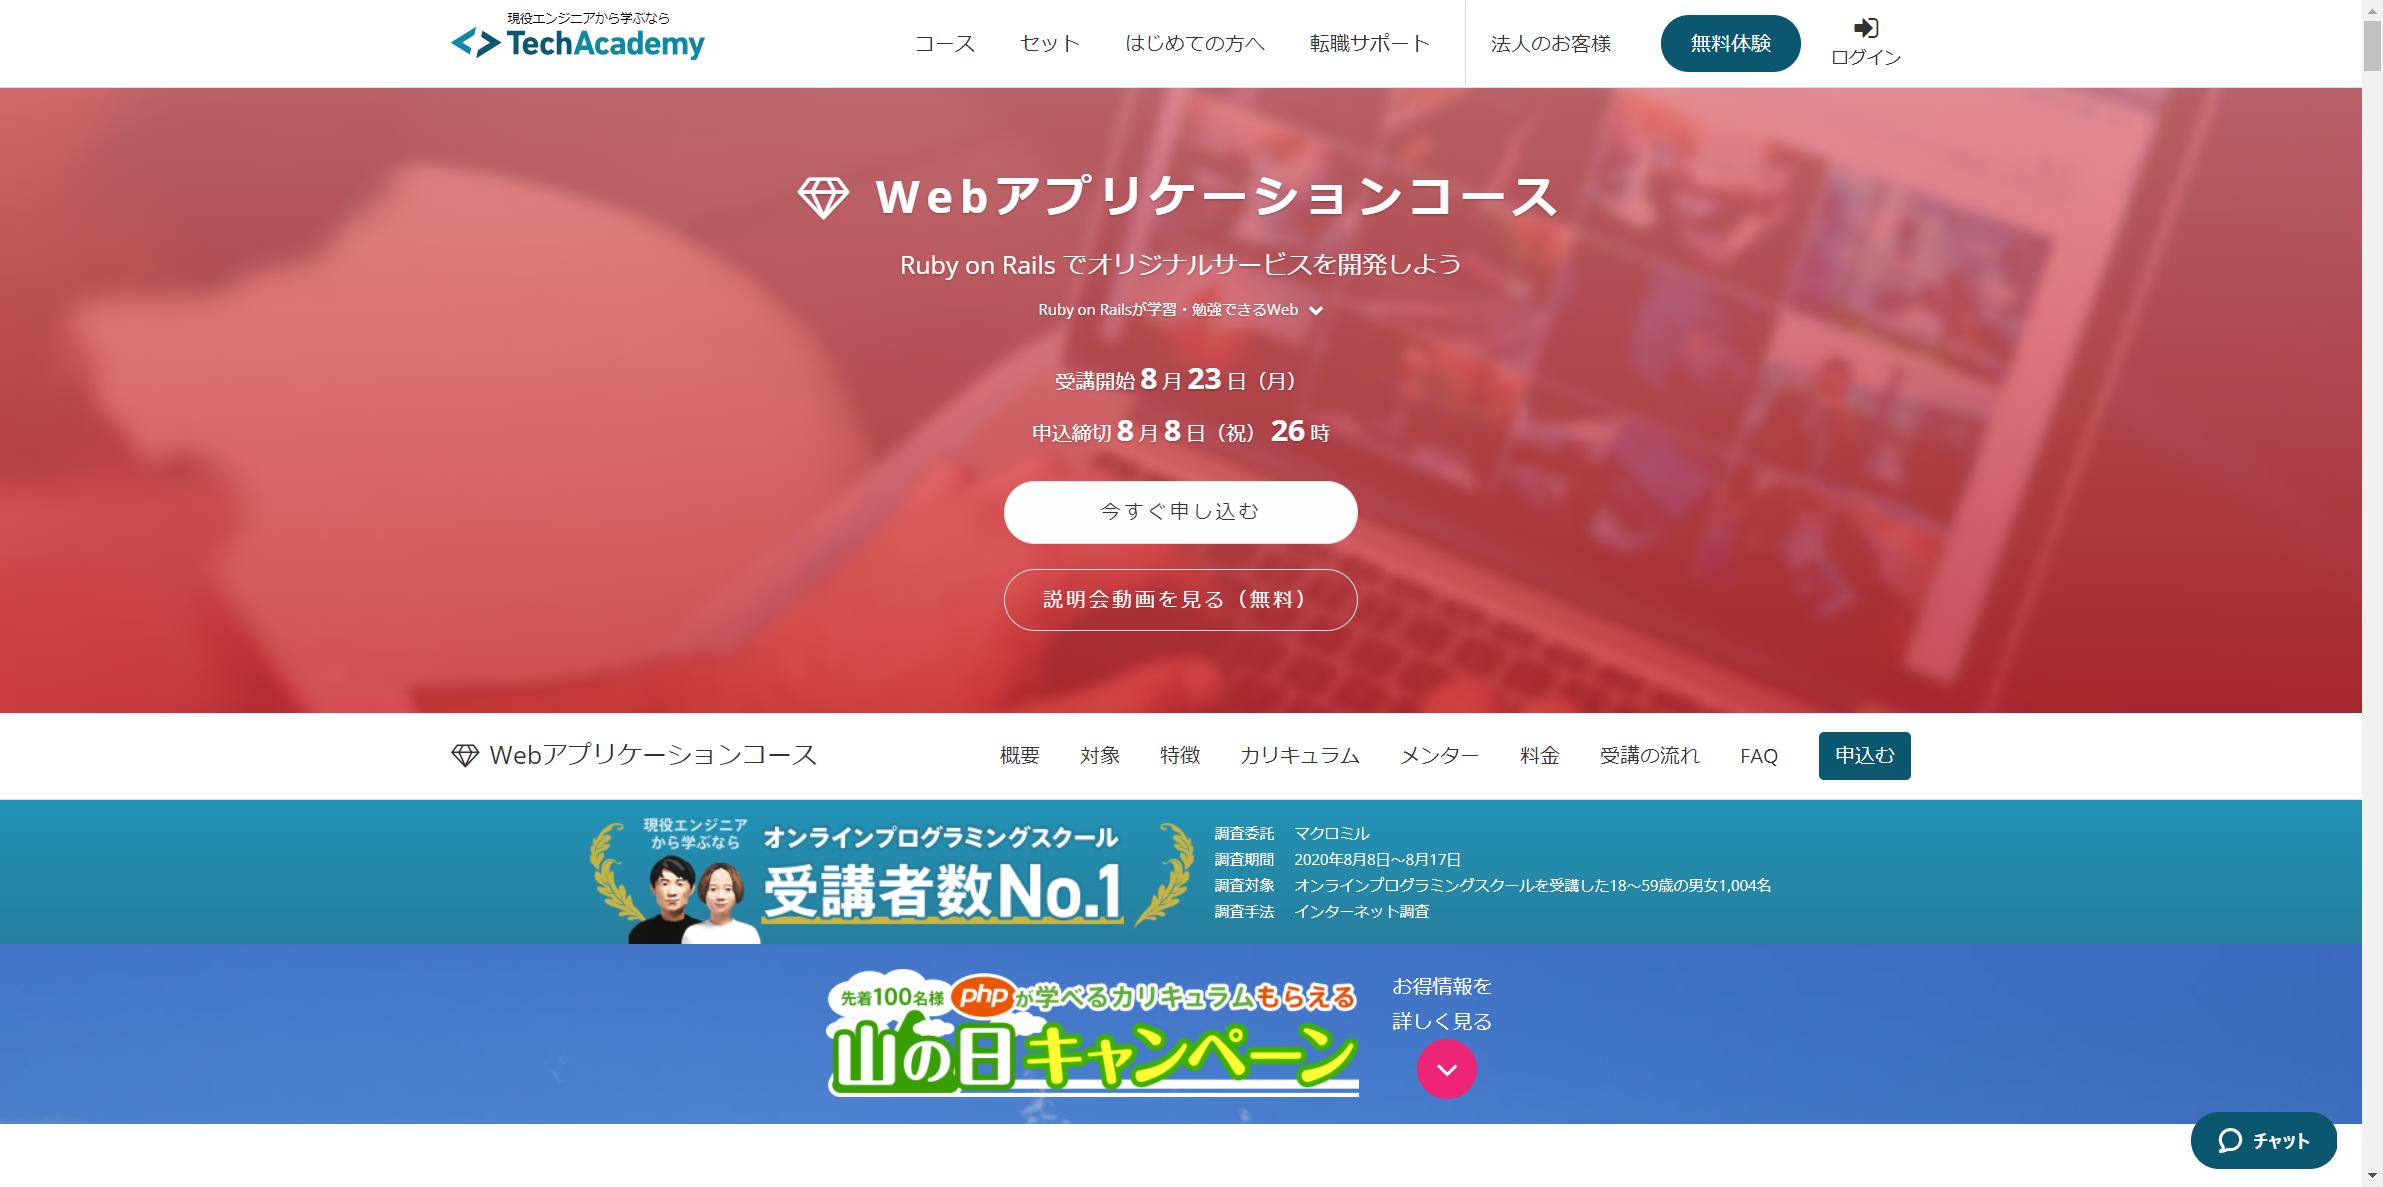 TechAcademy Webアプリケーションコース